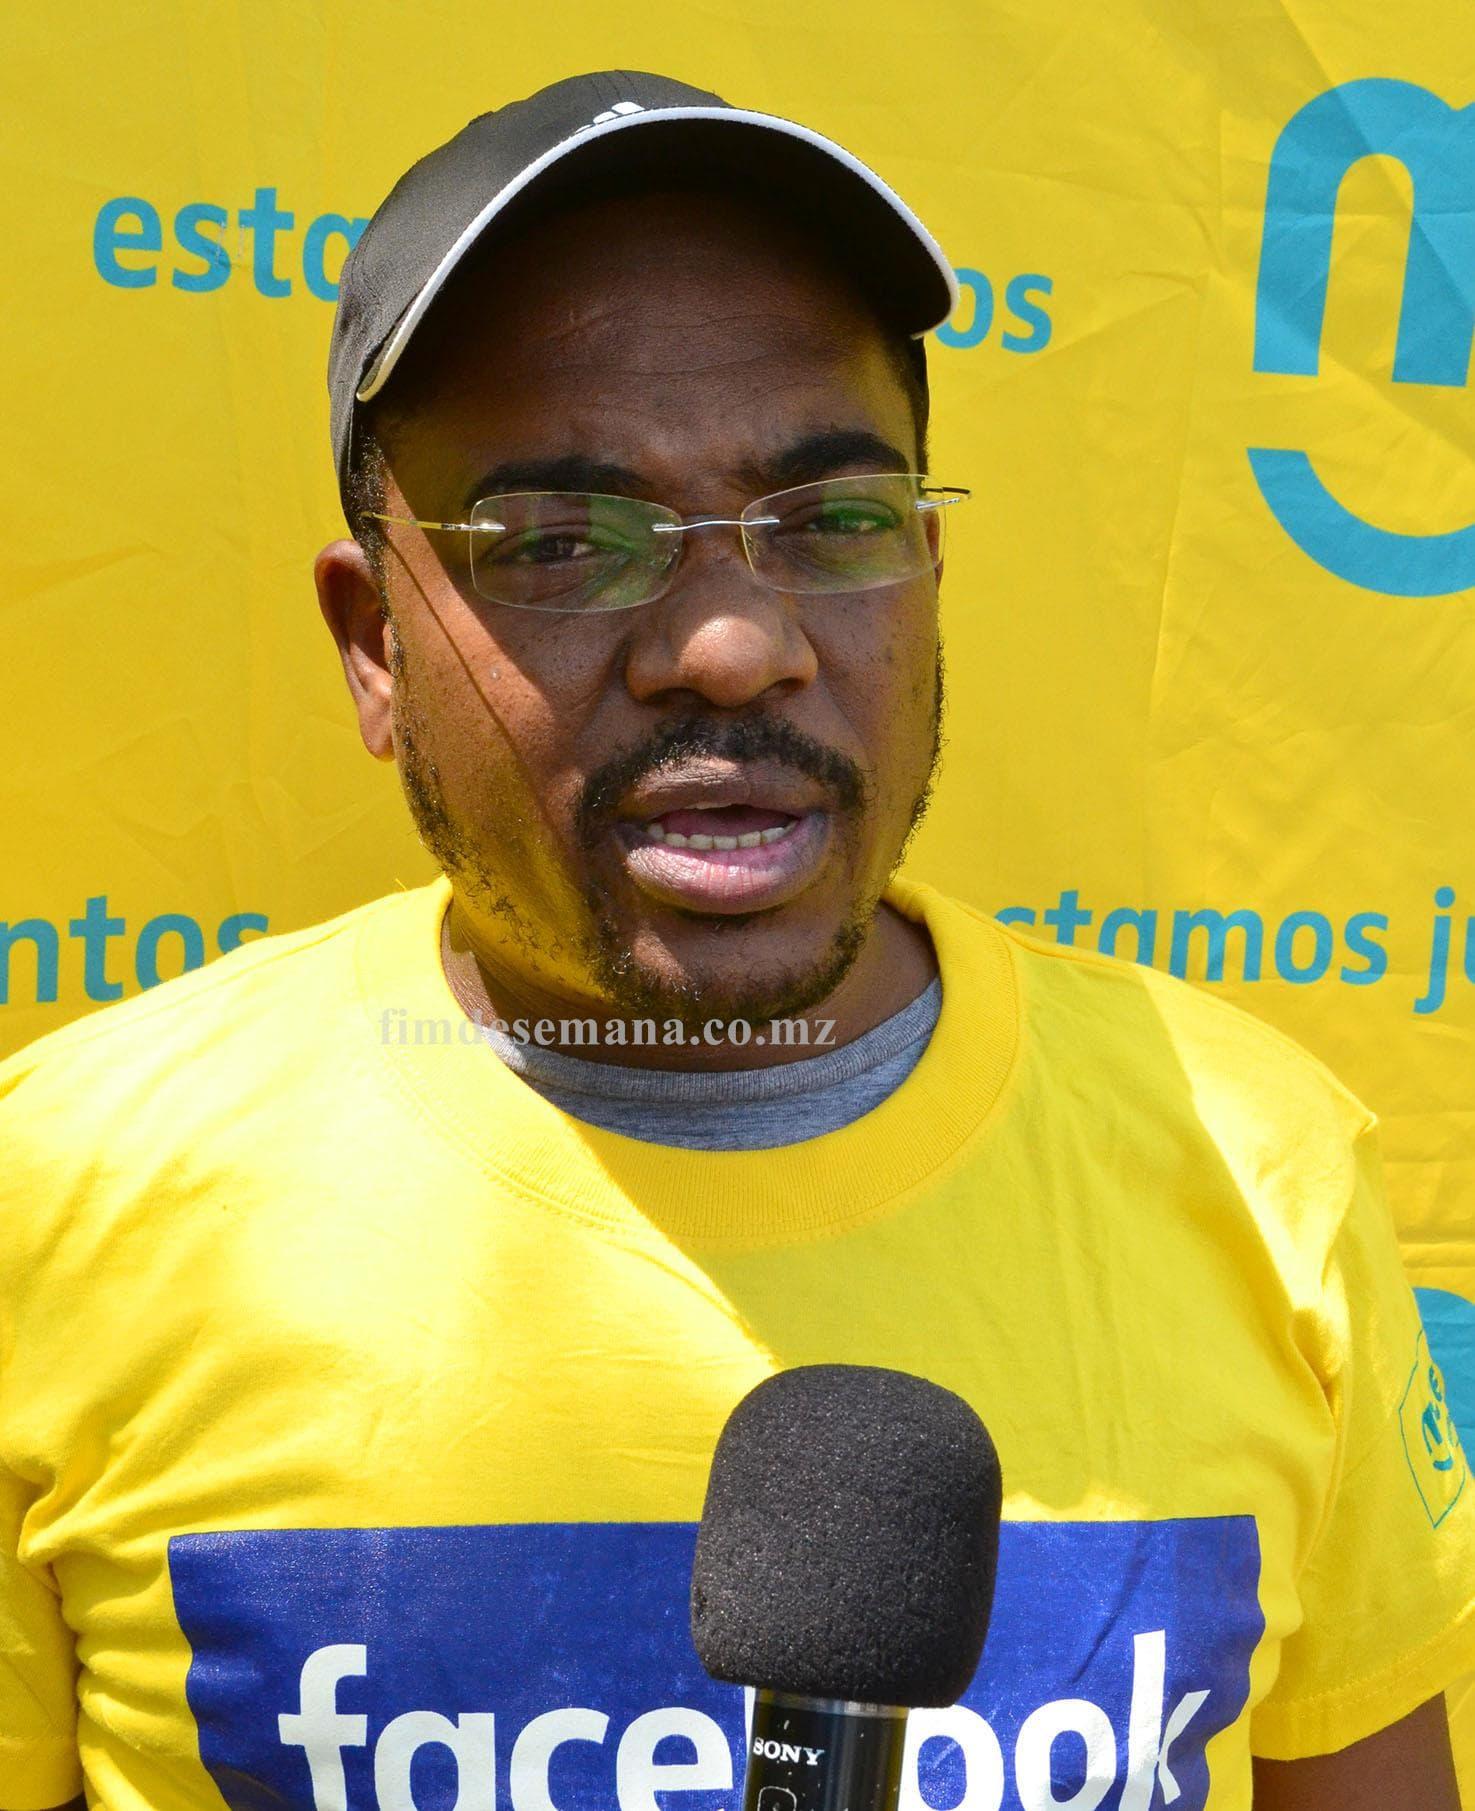 Kamal Badrú Secretário geral da Federação Moçambicana de Atletismo